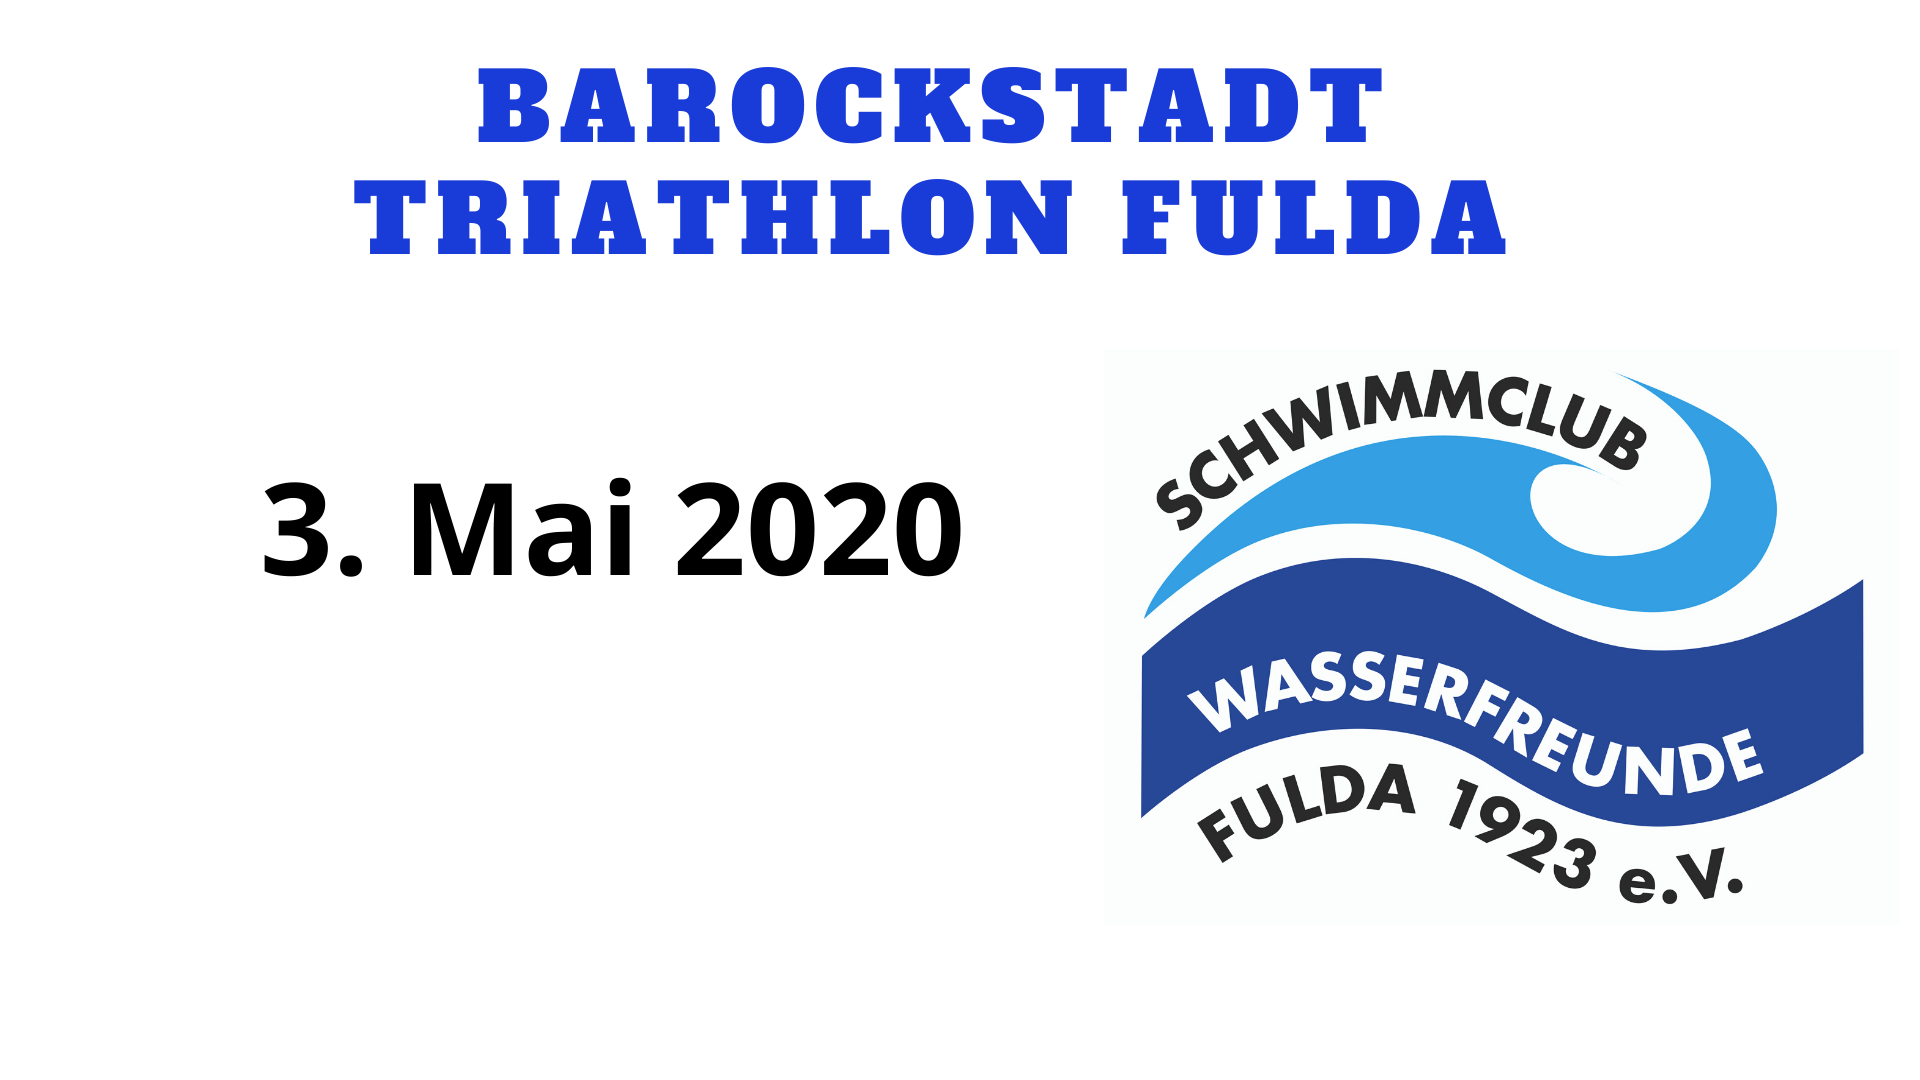 Barockstadt Triathlon Fulda